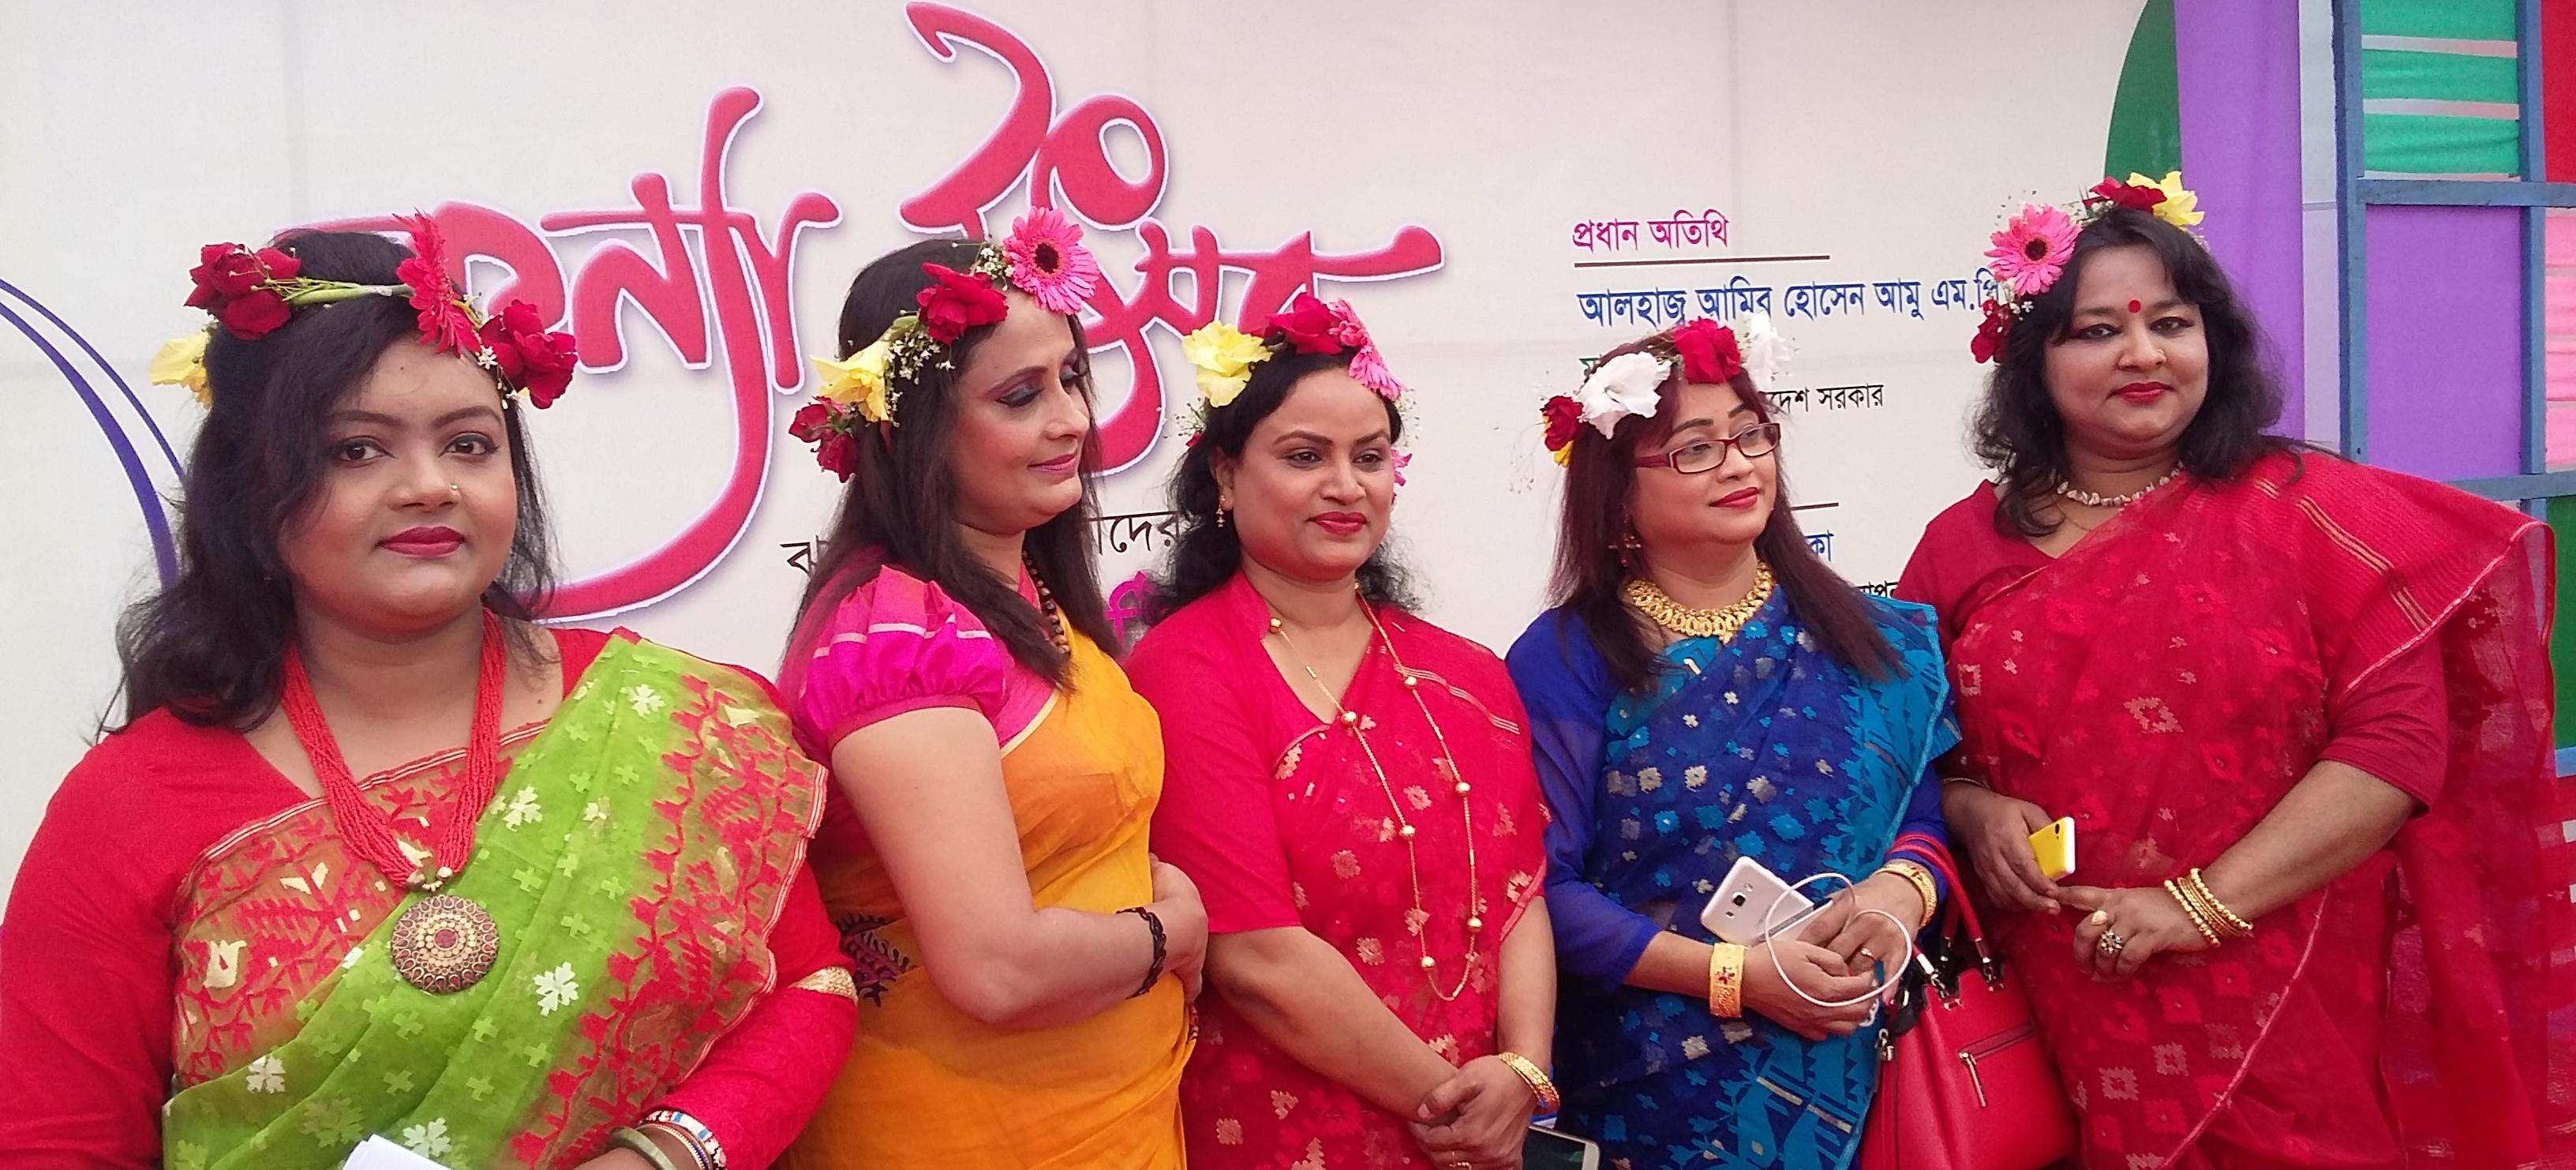 Image result for ঝালকাঠিতে 'কন্যা উৎসব'